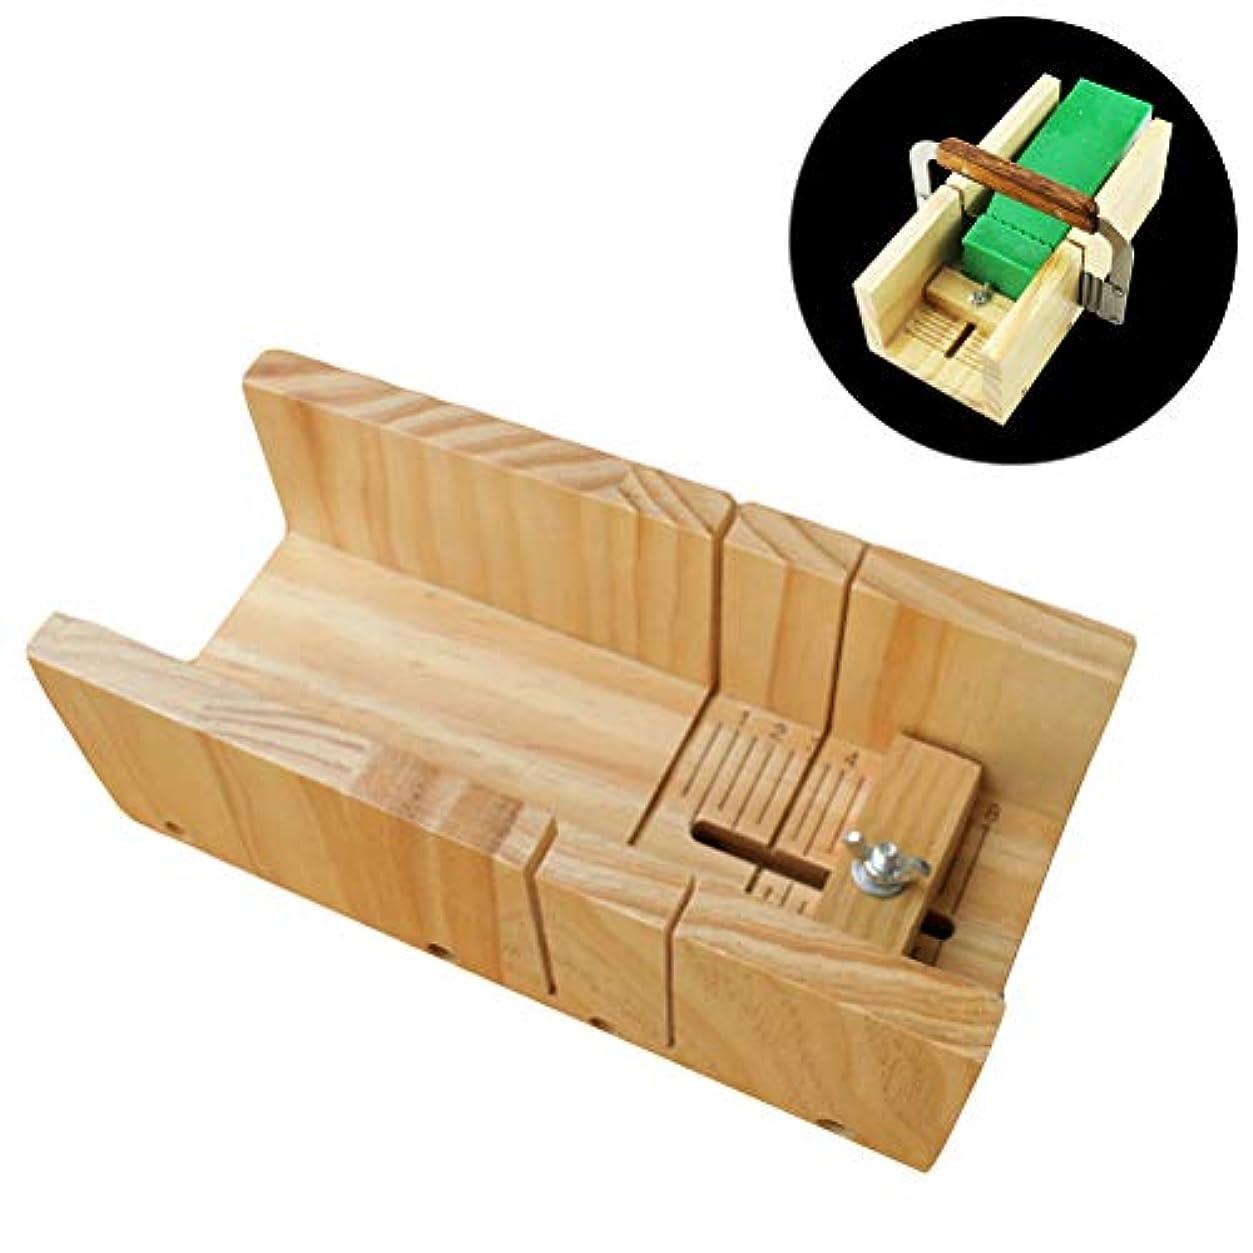 分析悪化させる共感するHealifty 木製石鹸カッターモールド石鹸ロープモールド調節可能なカッターモールドボックス石鹸ツールを作る